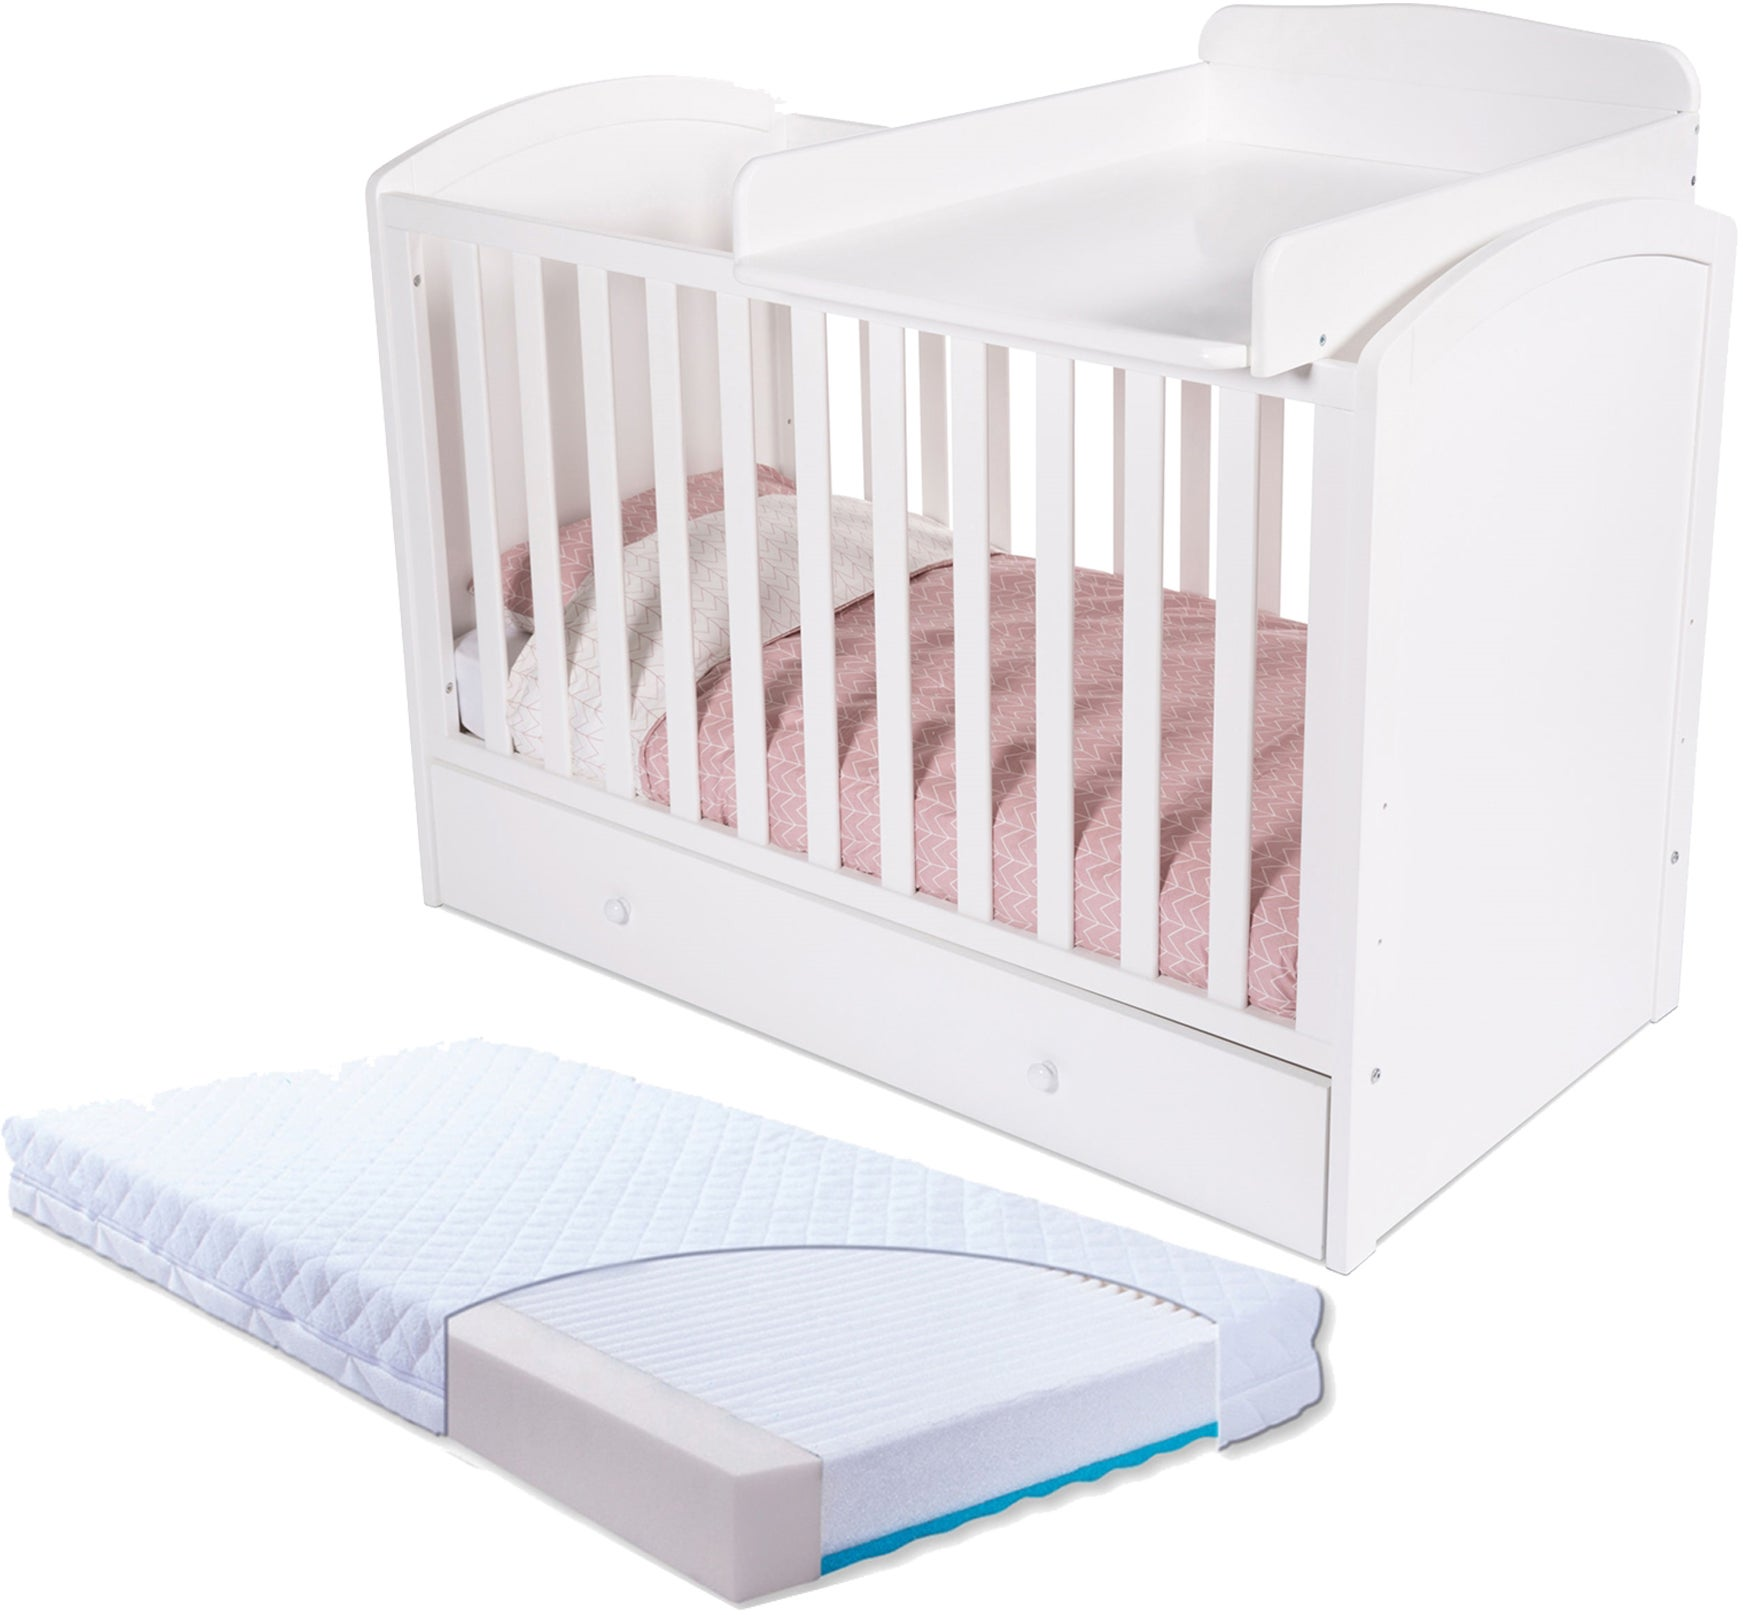 JLY Lux Pinnasänky Laatikoilla, Valkoinen & BabyMatex Patja